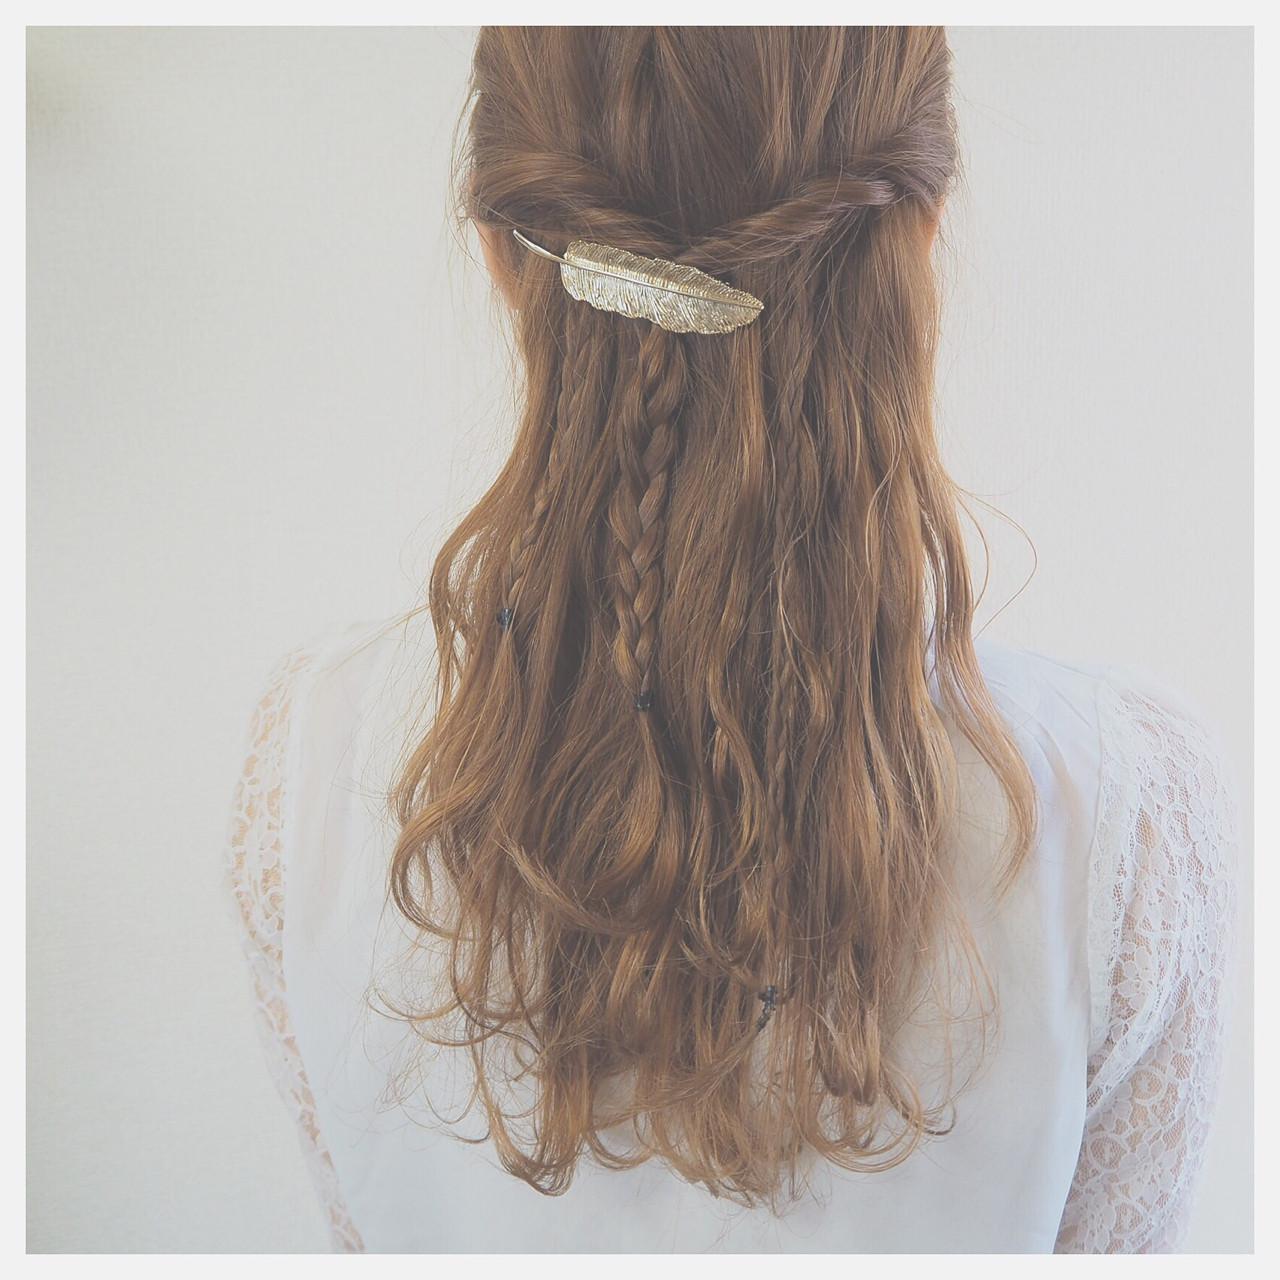 モテ髪 ヘアアレンジ 愛され ショート ヘアスタイルや髪型の写真・画像 | chiaki / magnet hair